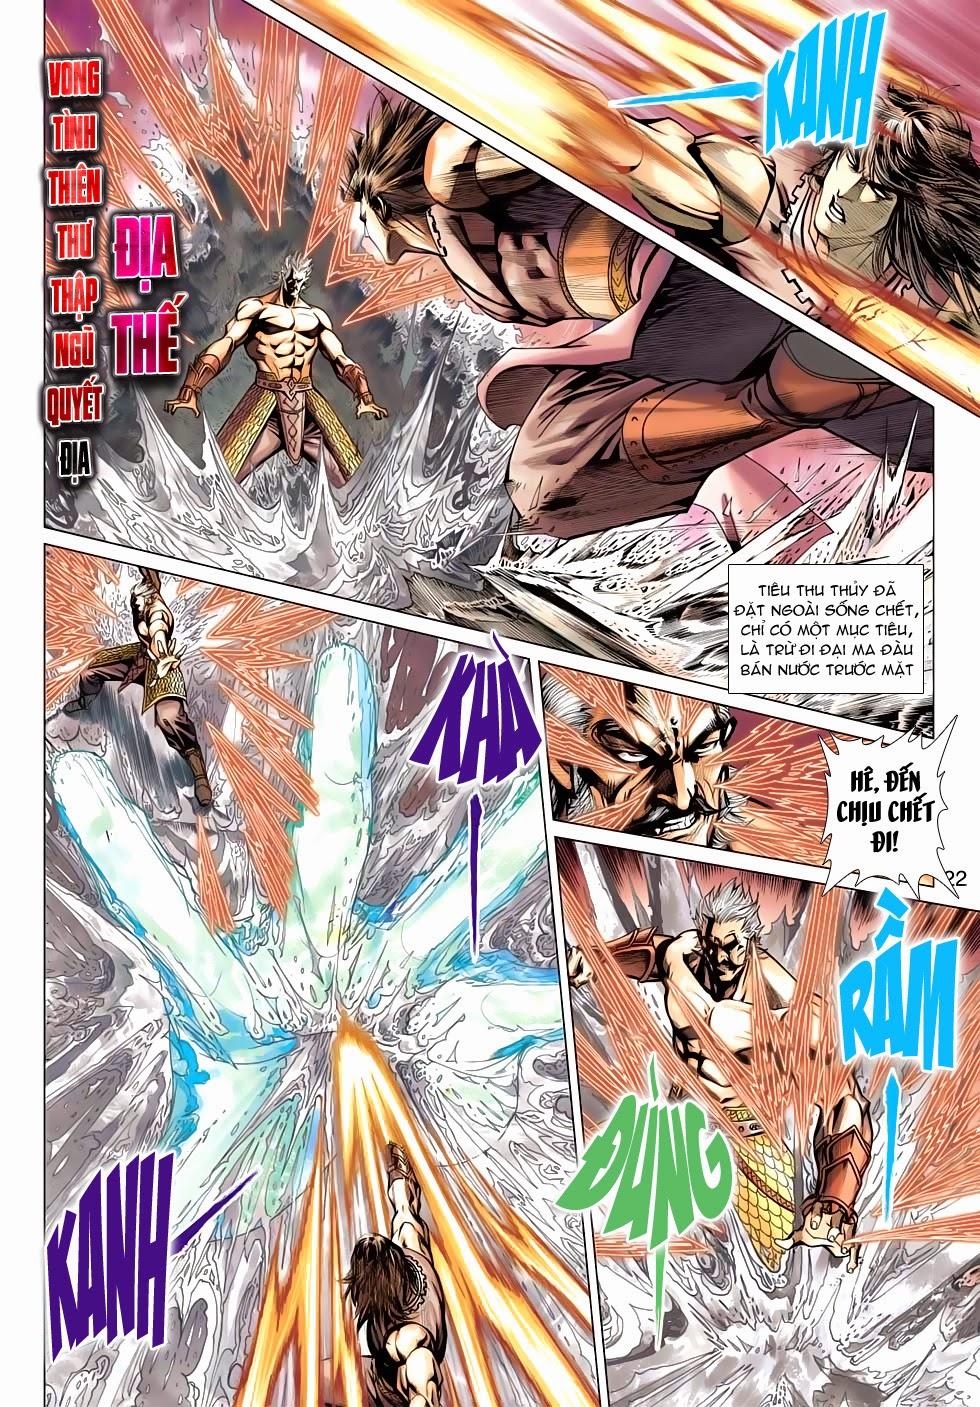 Thần Châu Kỳ Hiệp chap 32 – End Trang 22 - Mangak.info